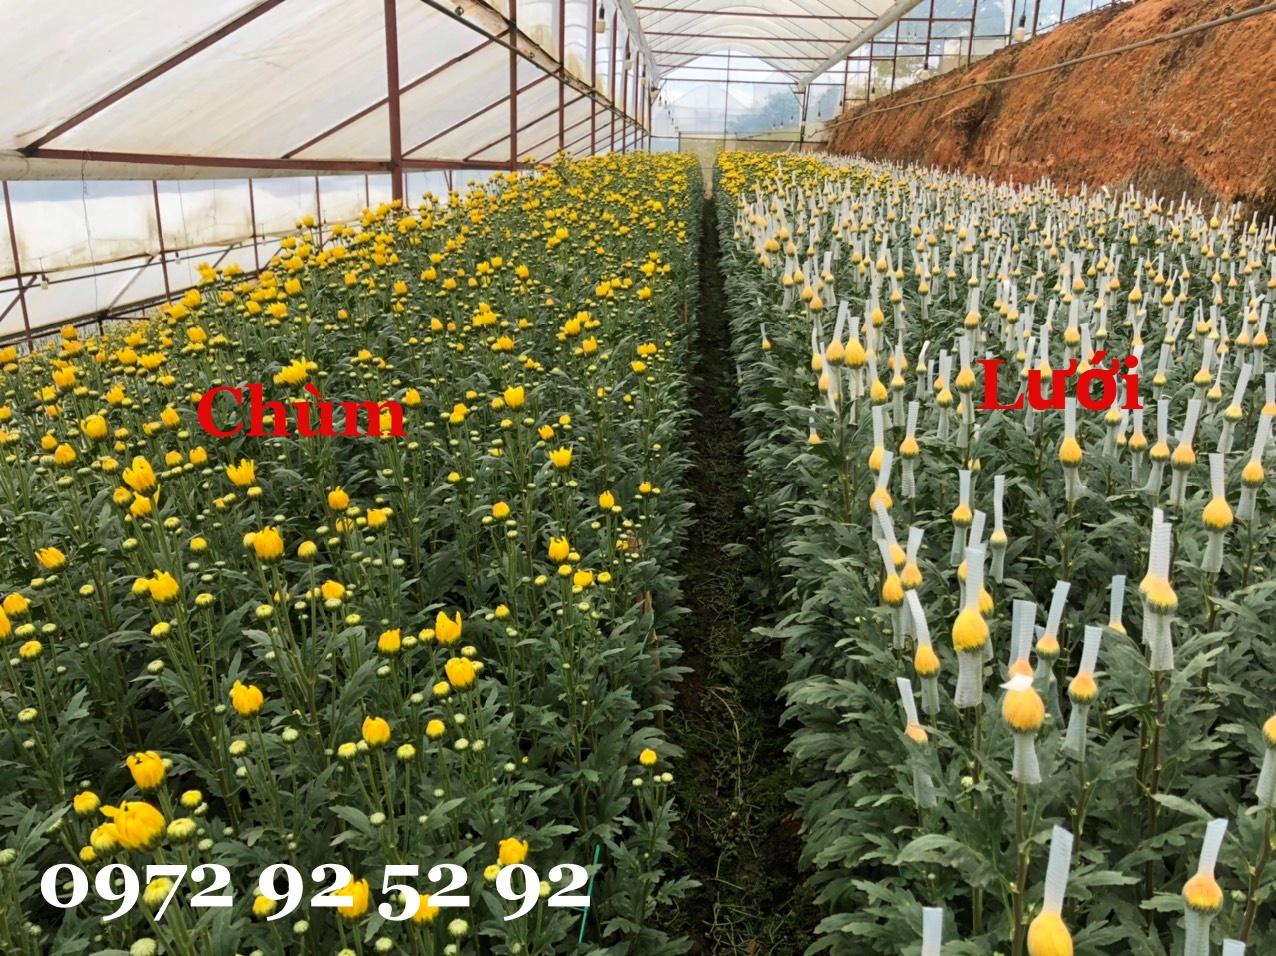 Hoa cúc lưới đà lạt giá sỉ